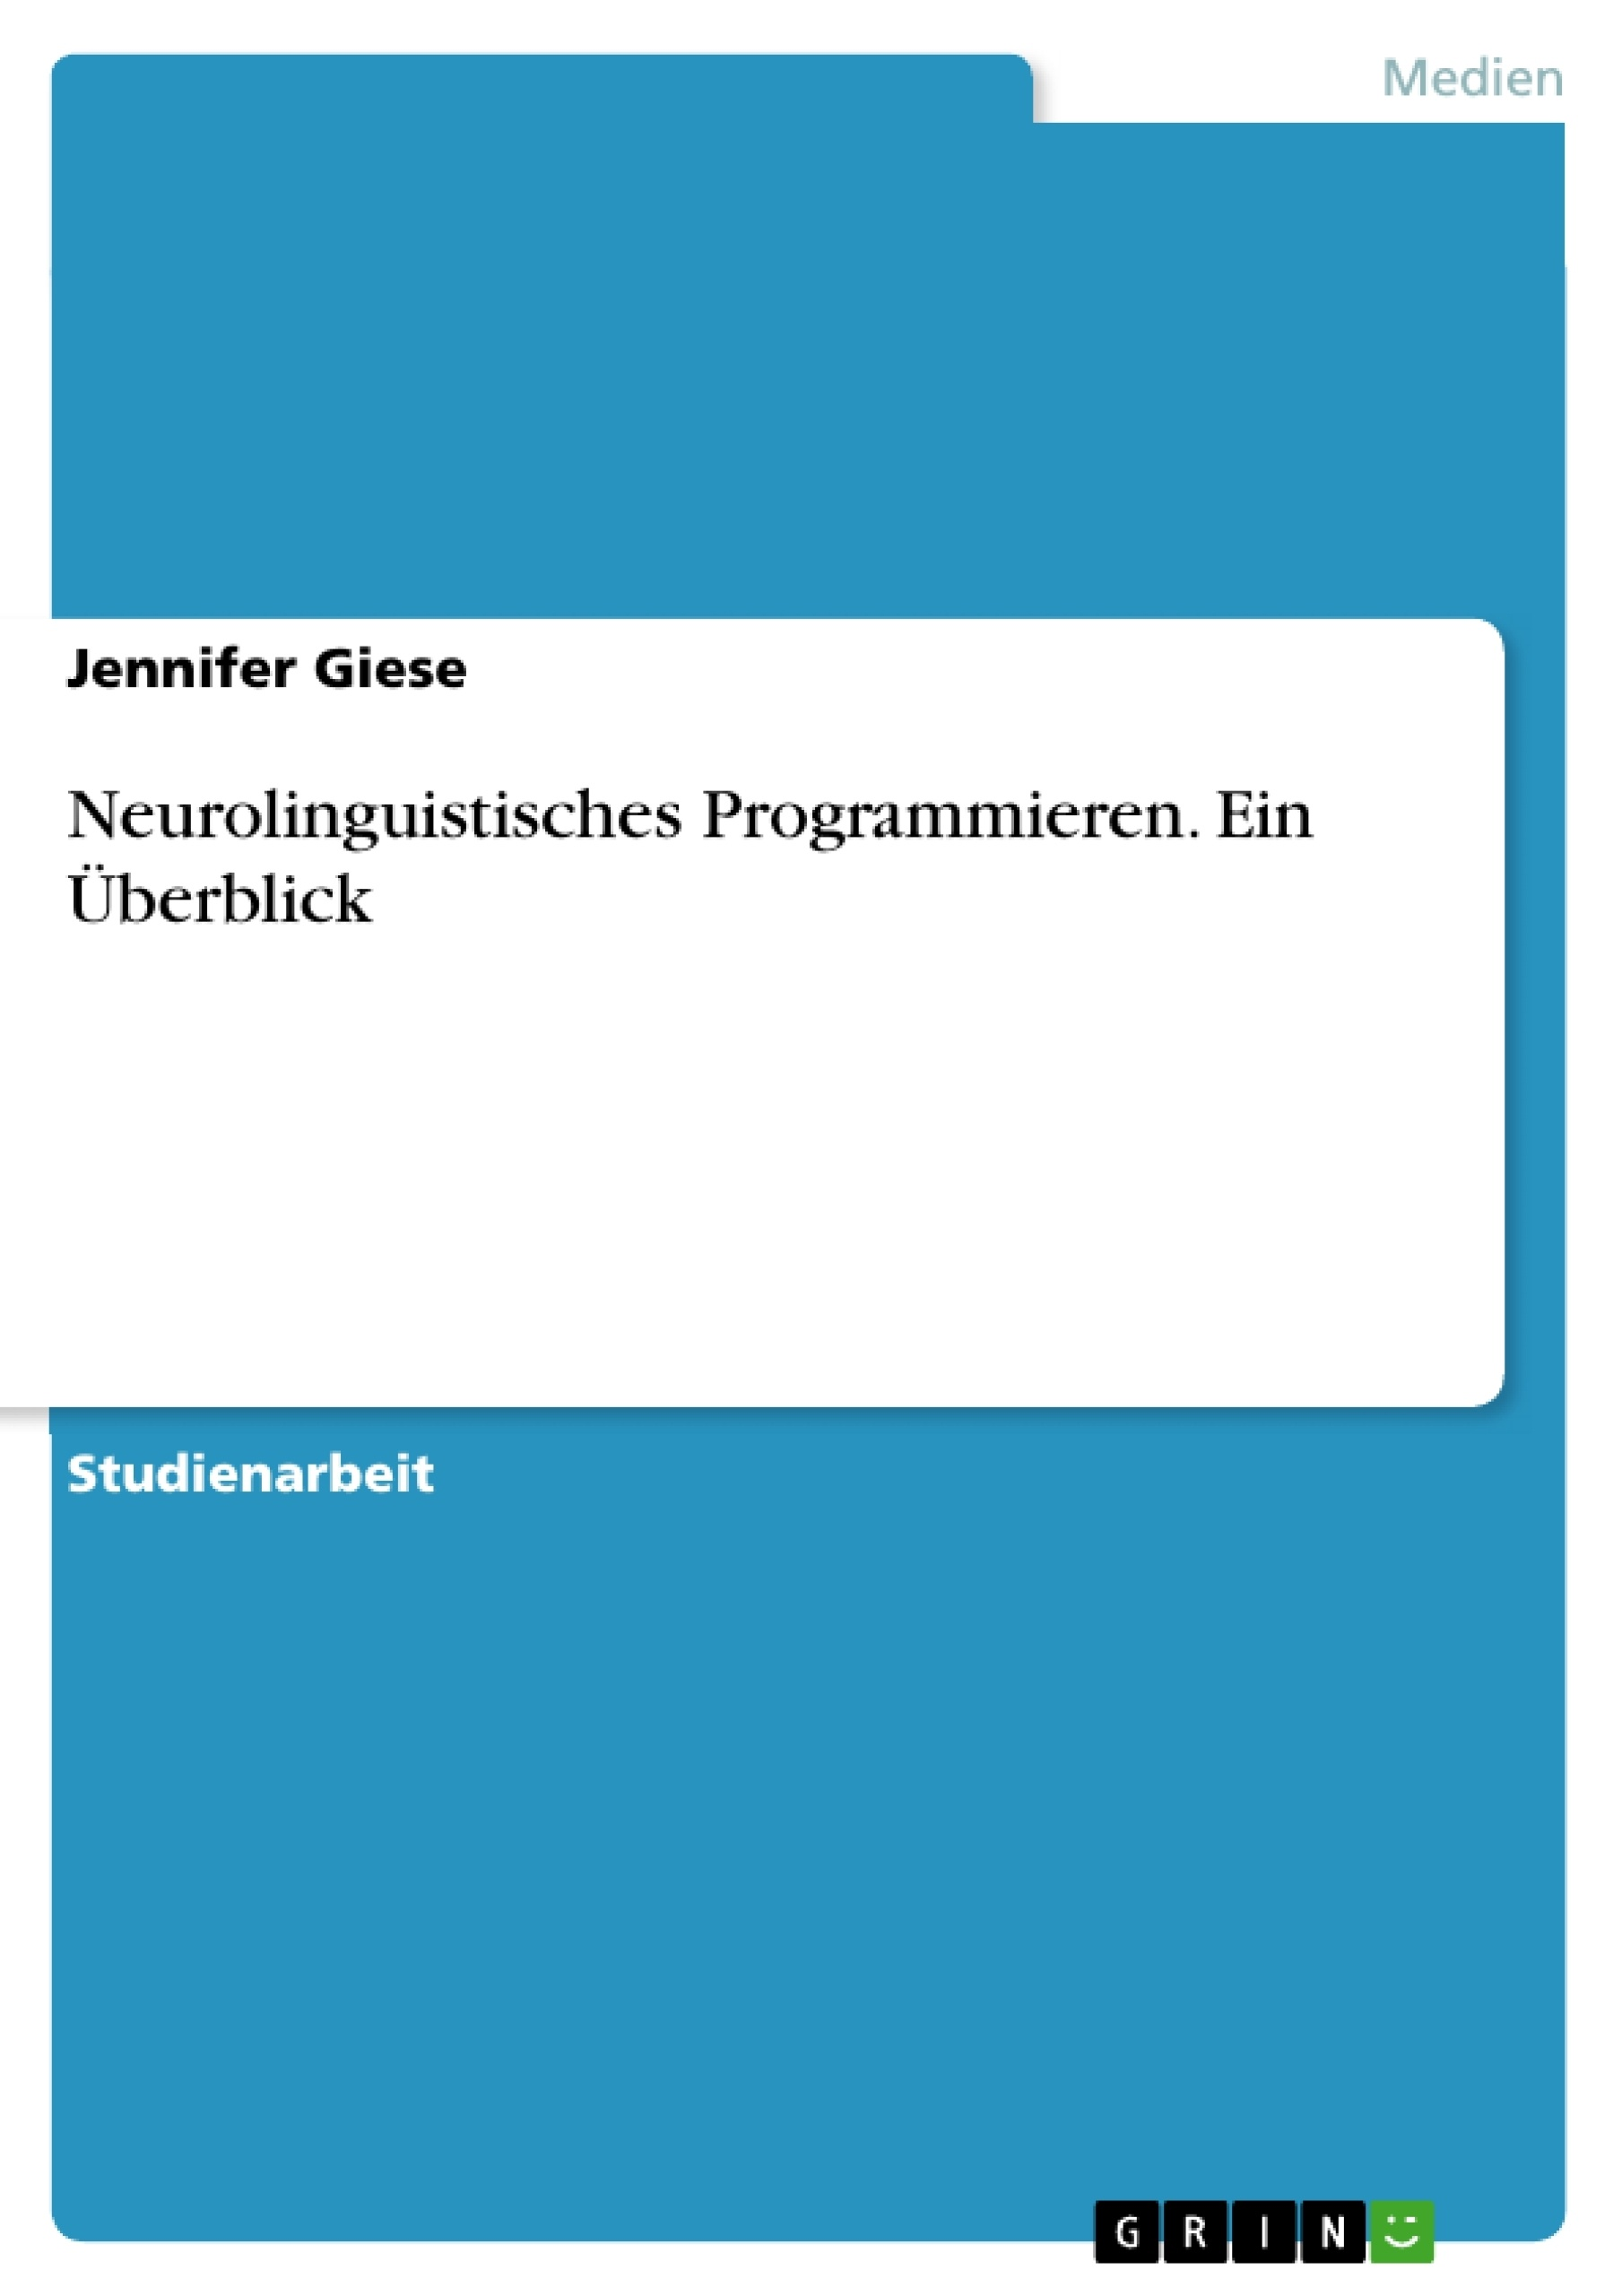 Titel: Neurolinguistisches Programmieren. Ein Überblick